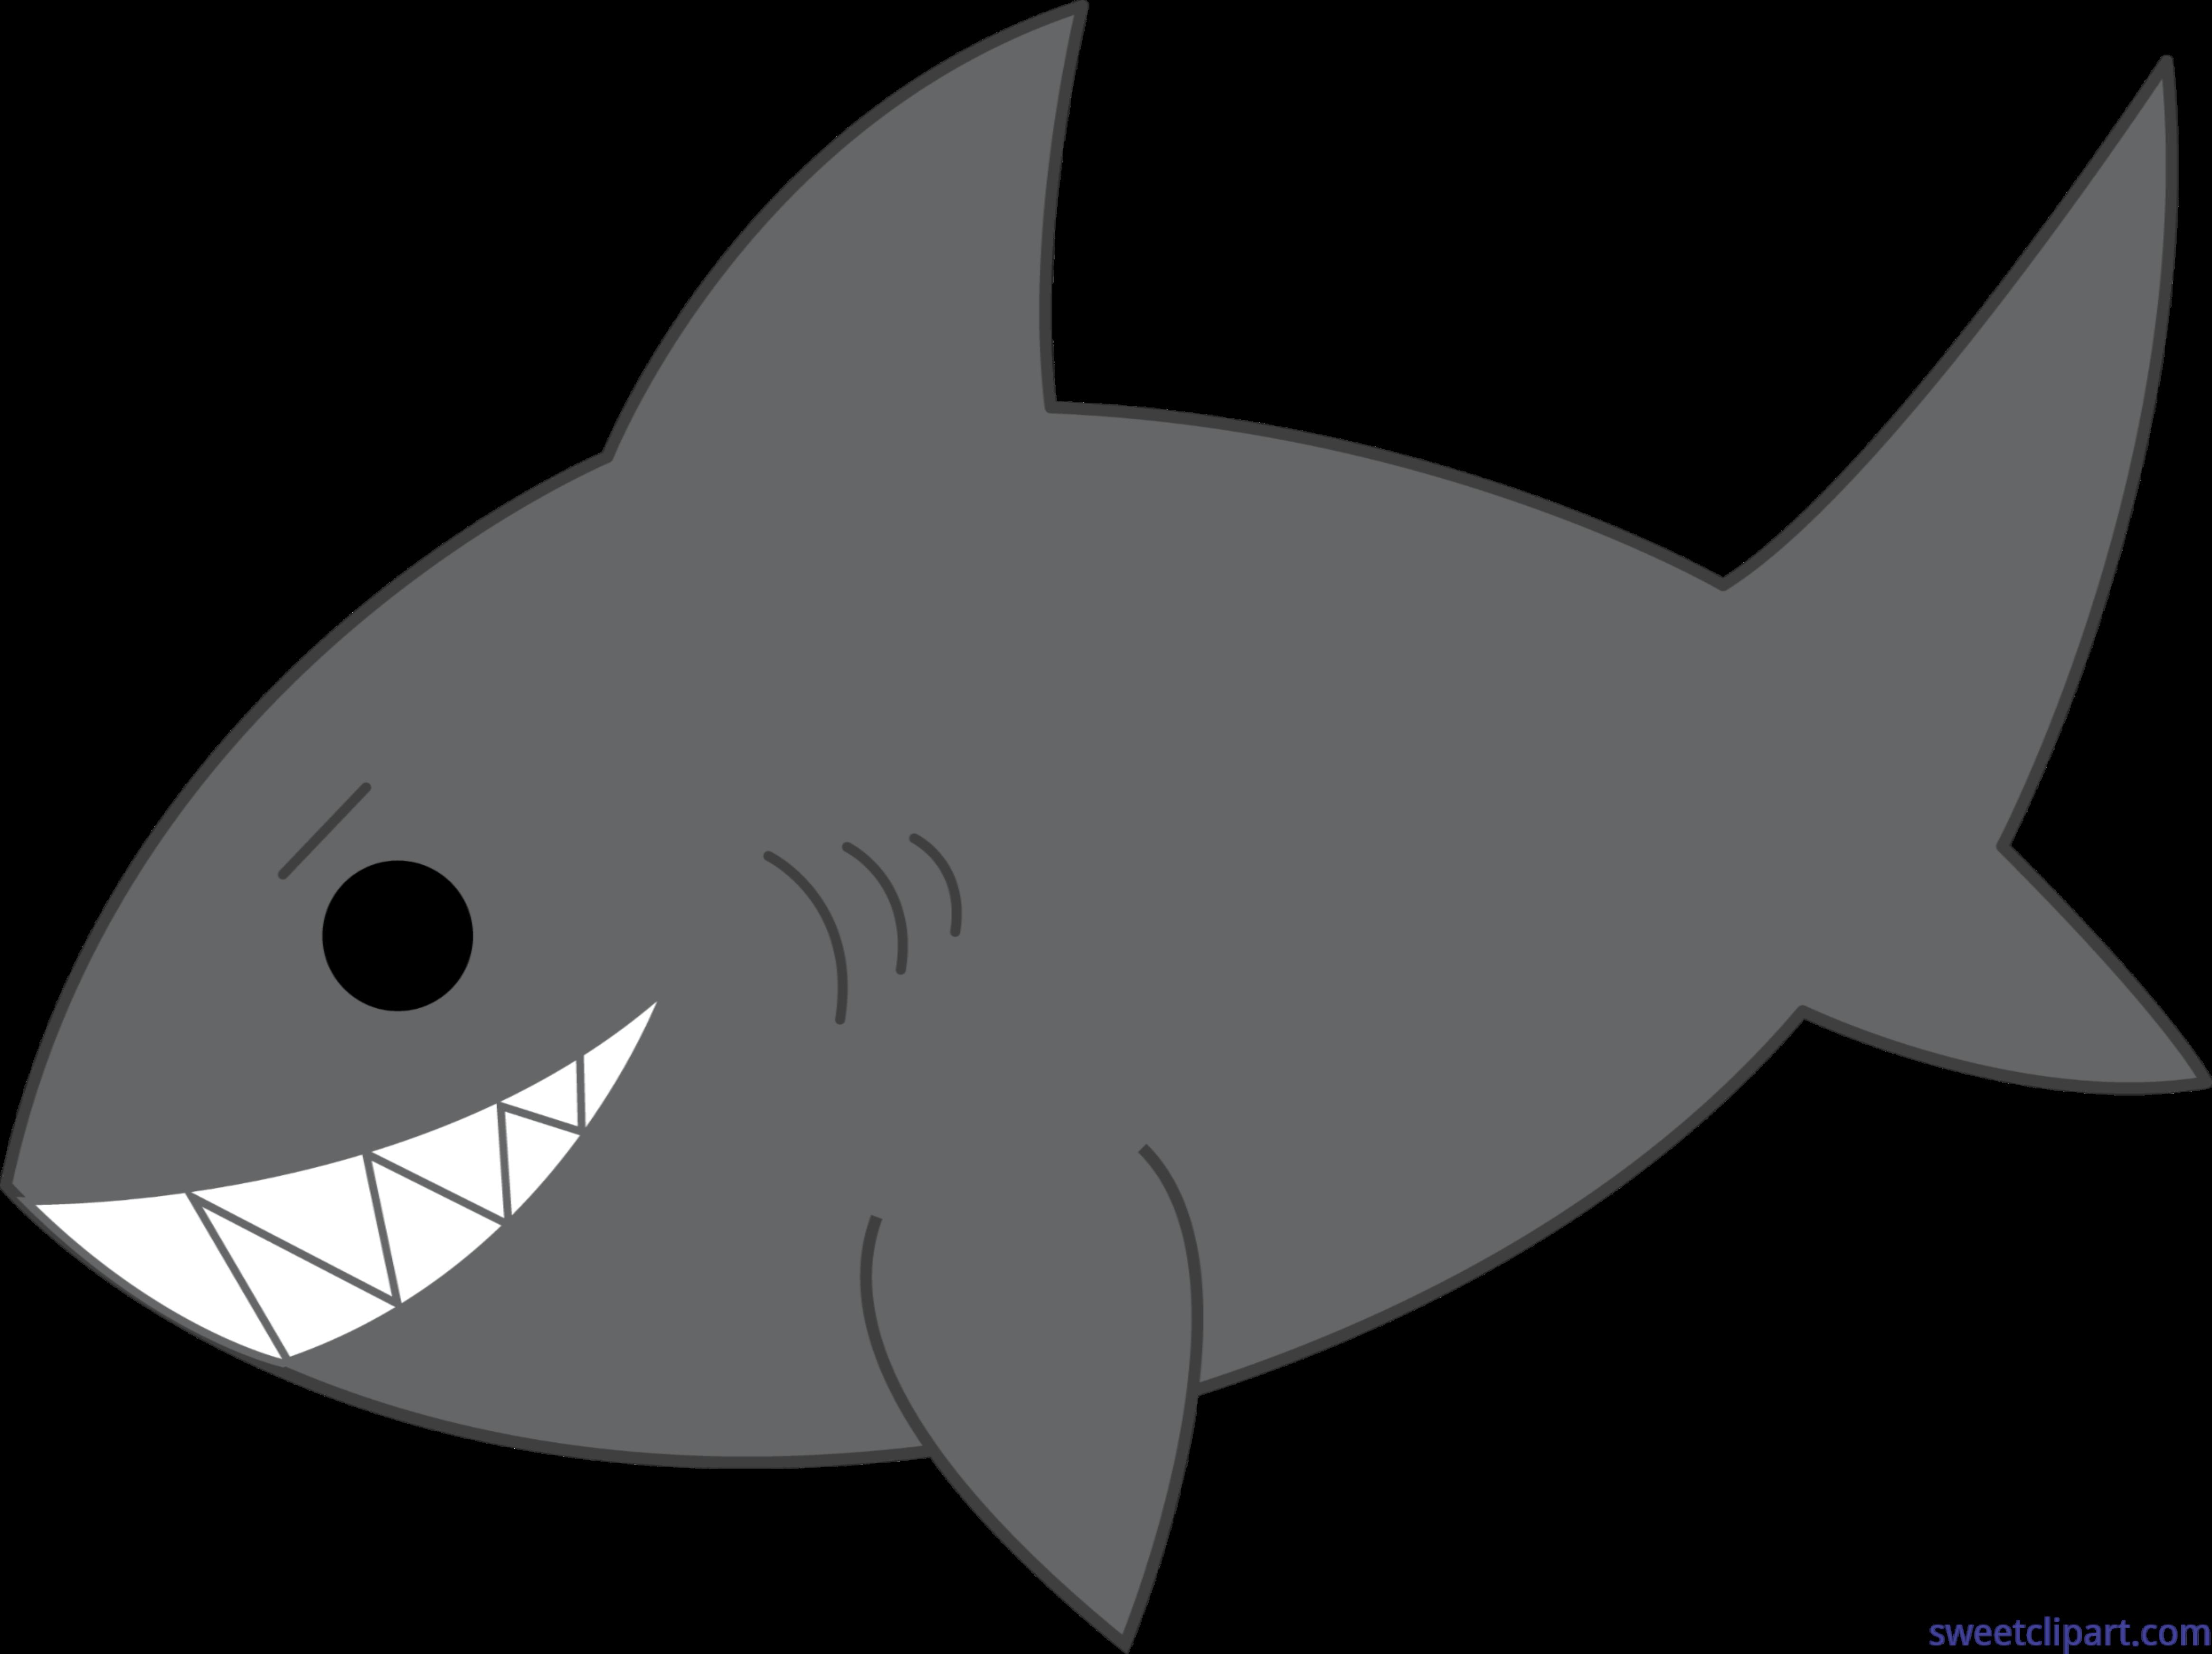 Shark clipart sweet #4